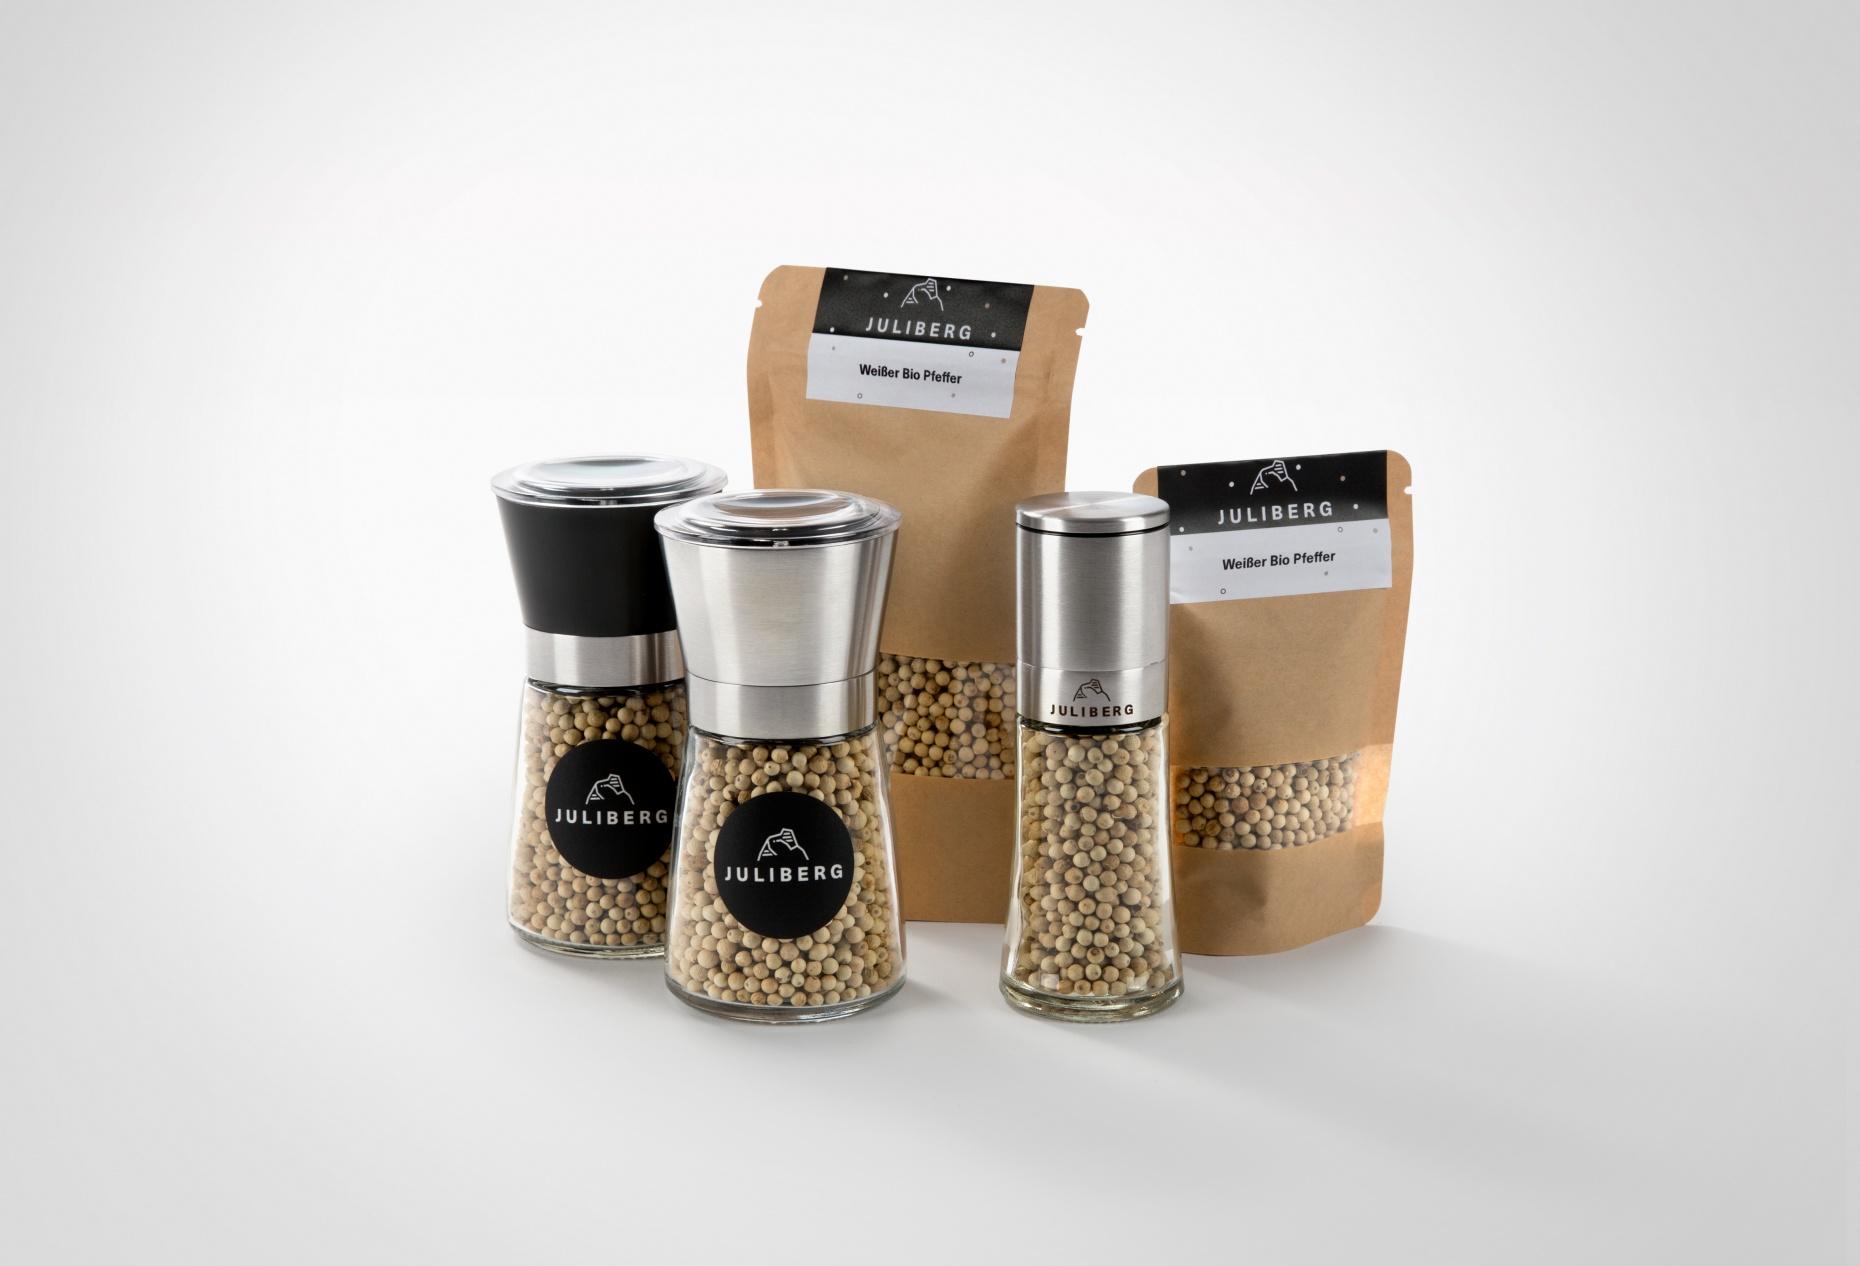 Weißer Bio Pfeffer - Design-, Black- & Steel Premium Mühlen, Nachfüllpackungen Medium & XL